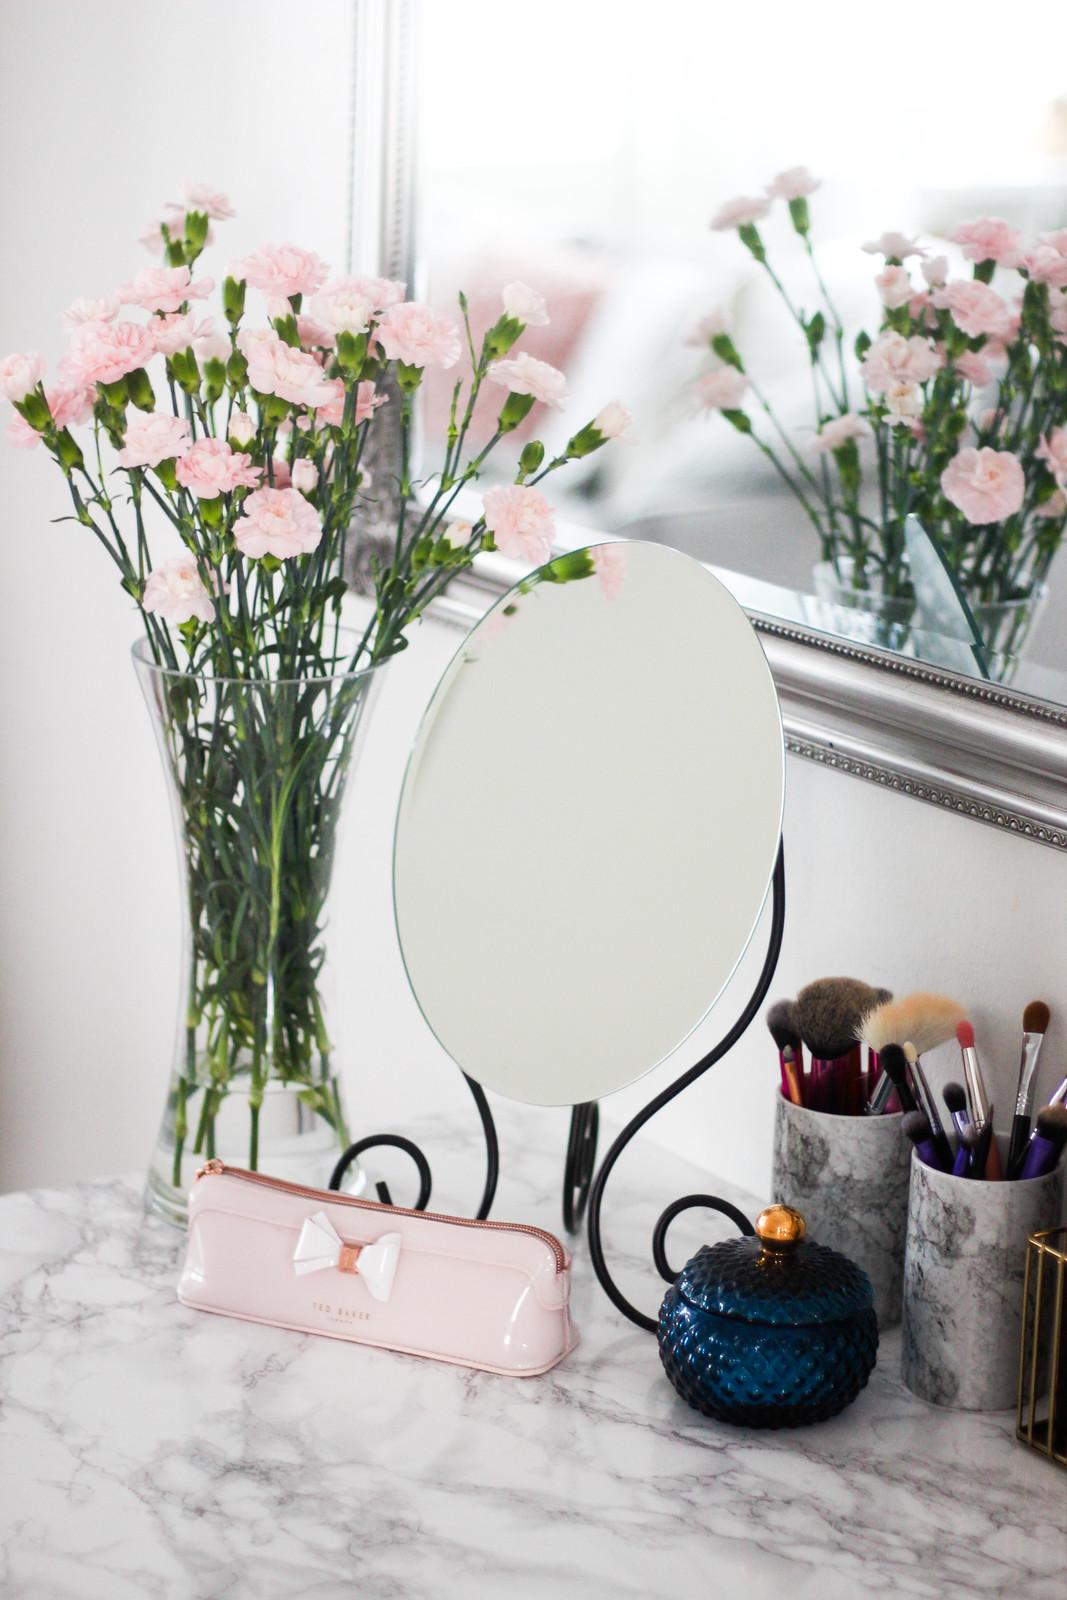 ikea meikkipeili blogi